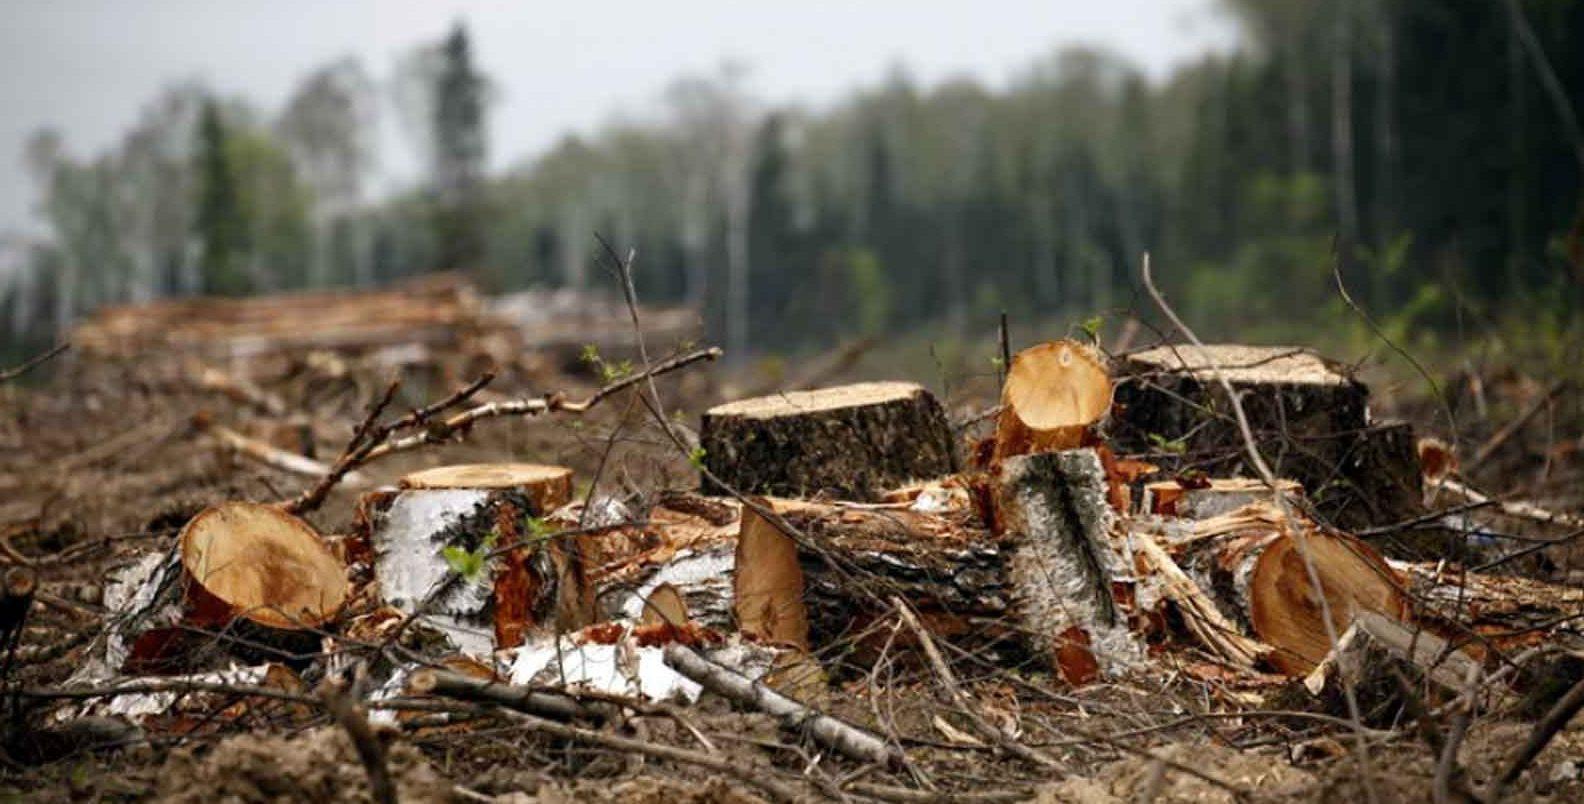 Чому в Україні закривають кримінальні справи про незаконну вирубку лісу - Україна, суд, ліс, вирубка - huge 17e1963a 004f 4a13 9fde b89aec73ca27 e1538562558408